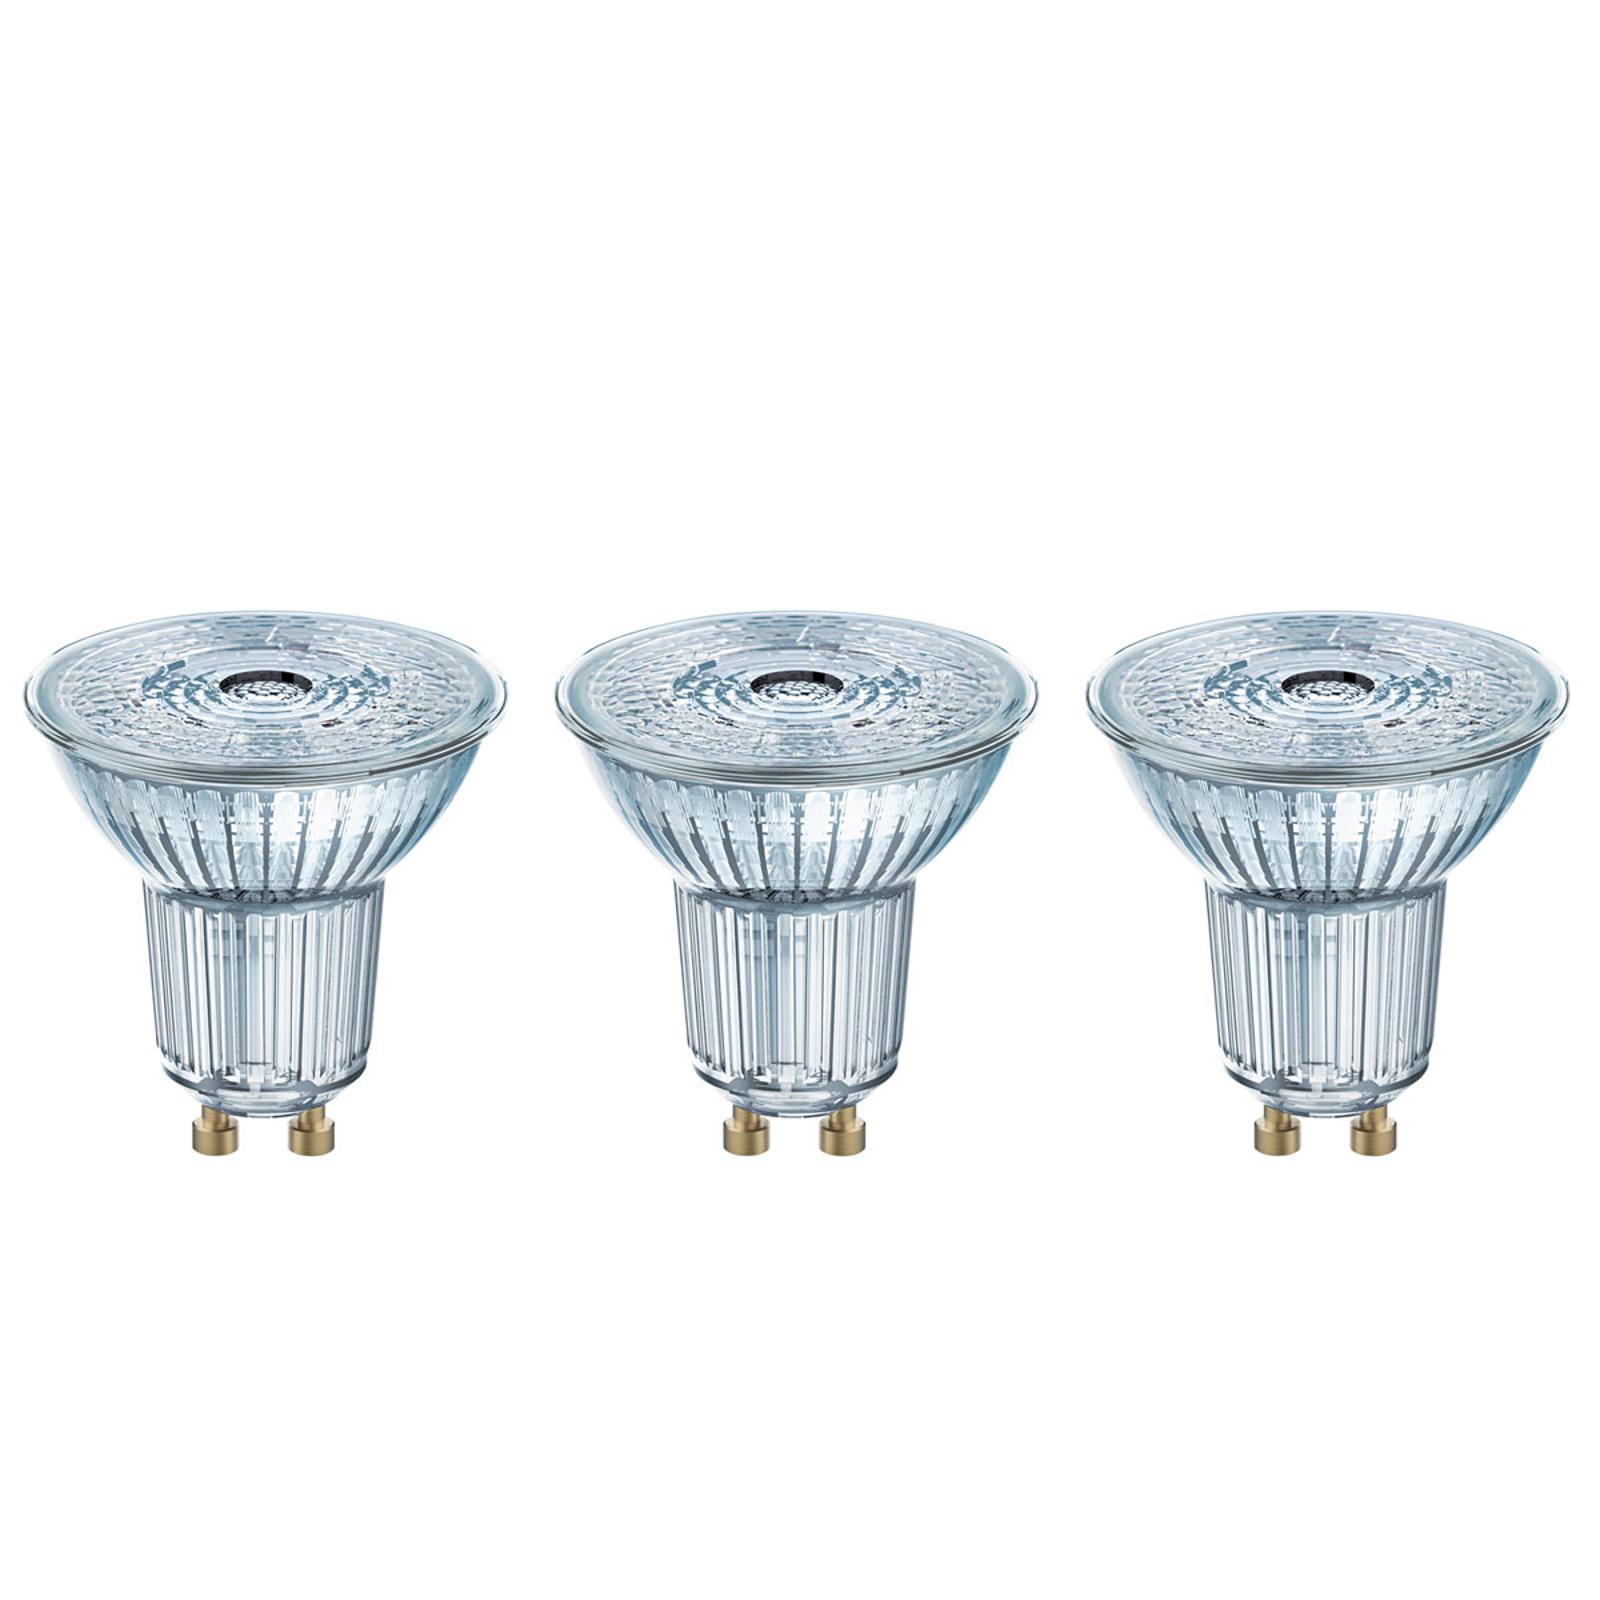 Żarówka reflektorowa LED GU10 4,3W, zestaw 3 szt.